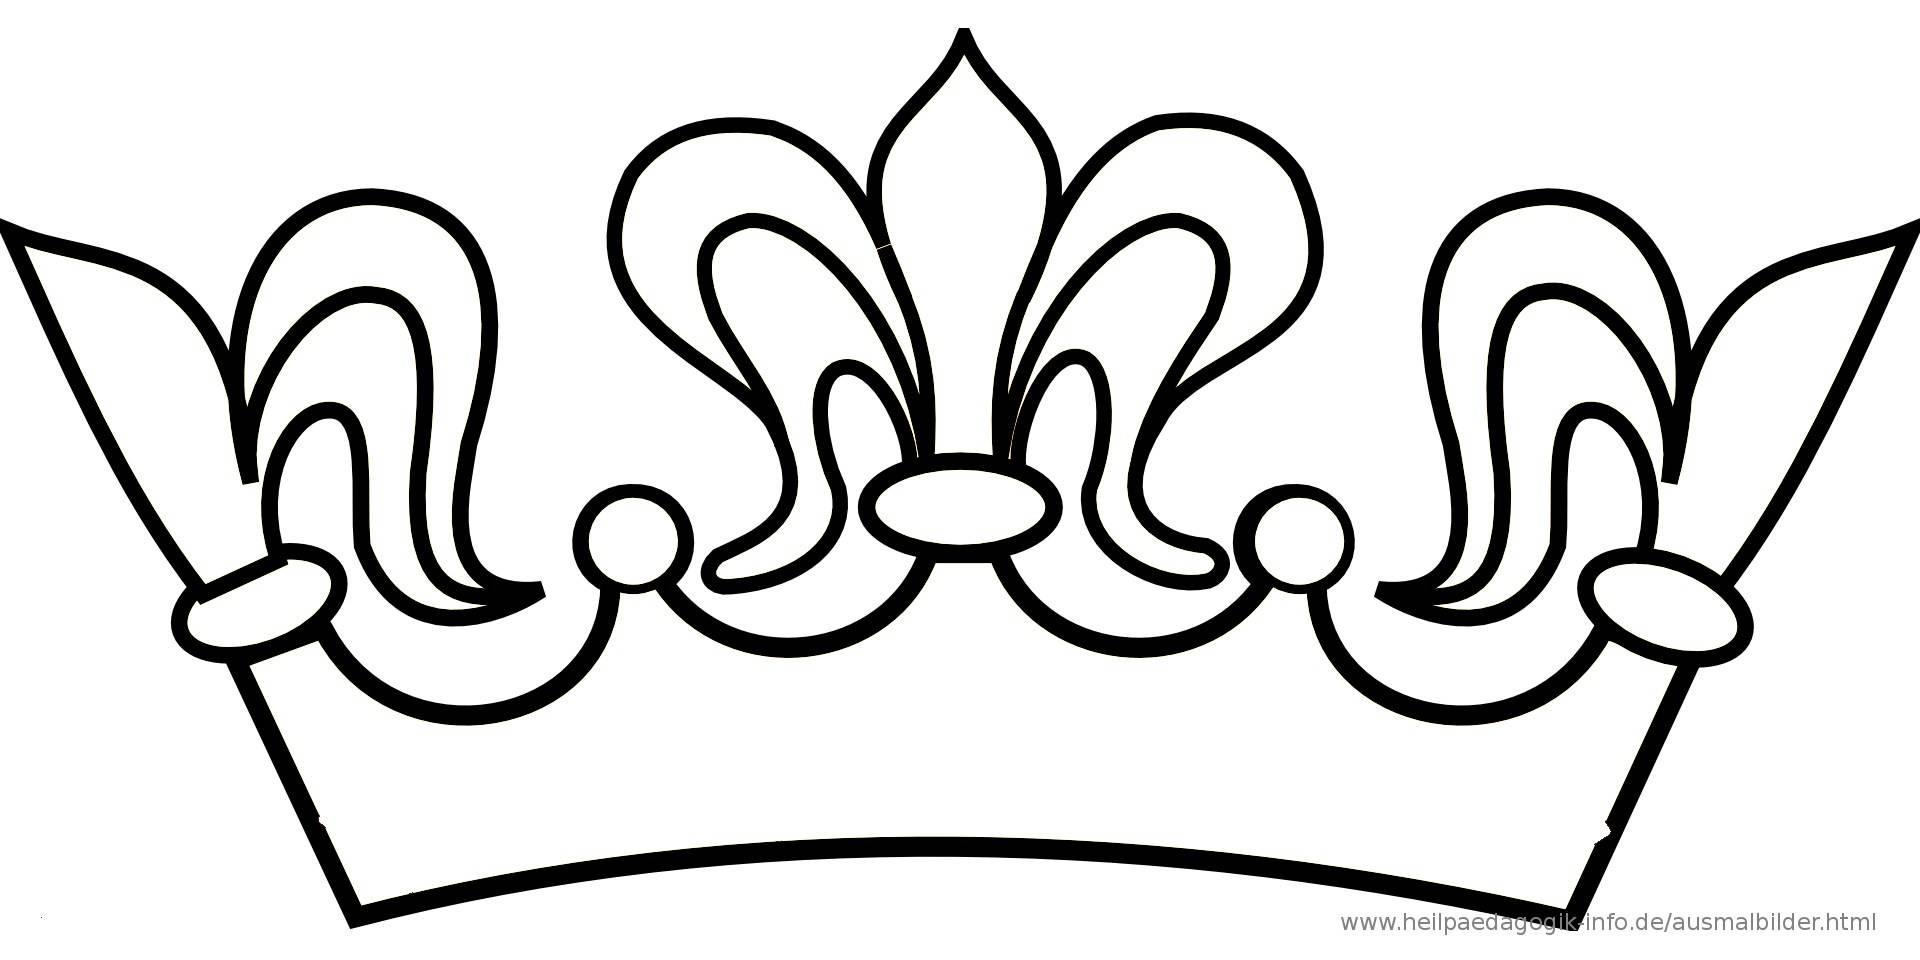 Krone Prinzessin Clipart Inspirierend Prinzessin Krone Vorlage Malvorlagen Igel Frisch Igel Grundschule 0d Sammlung